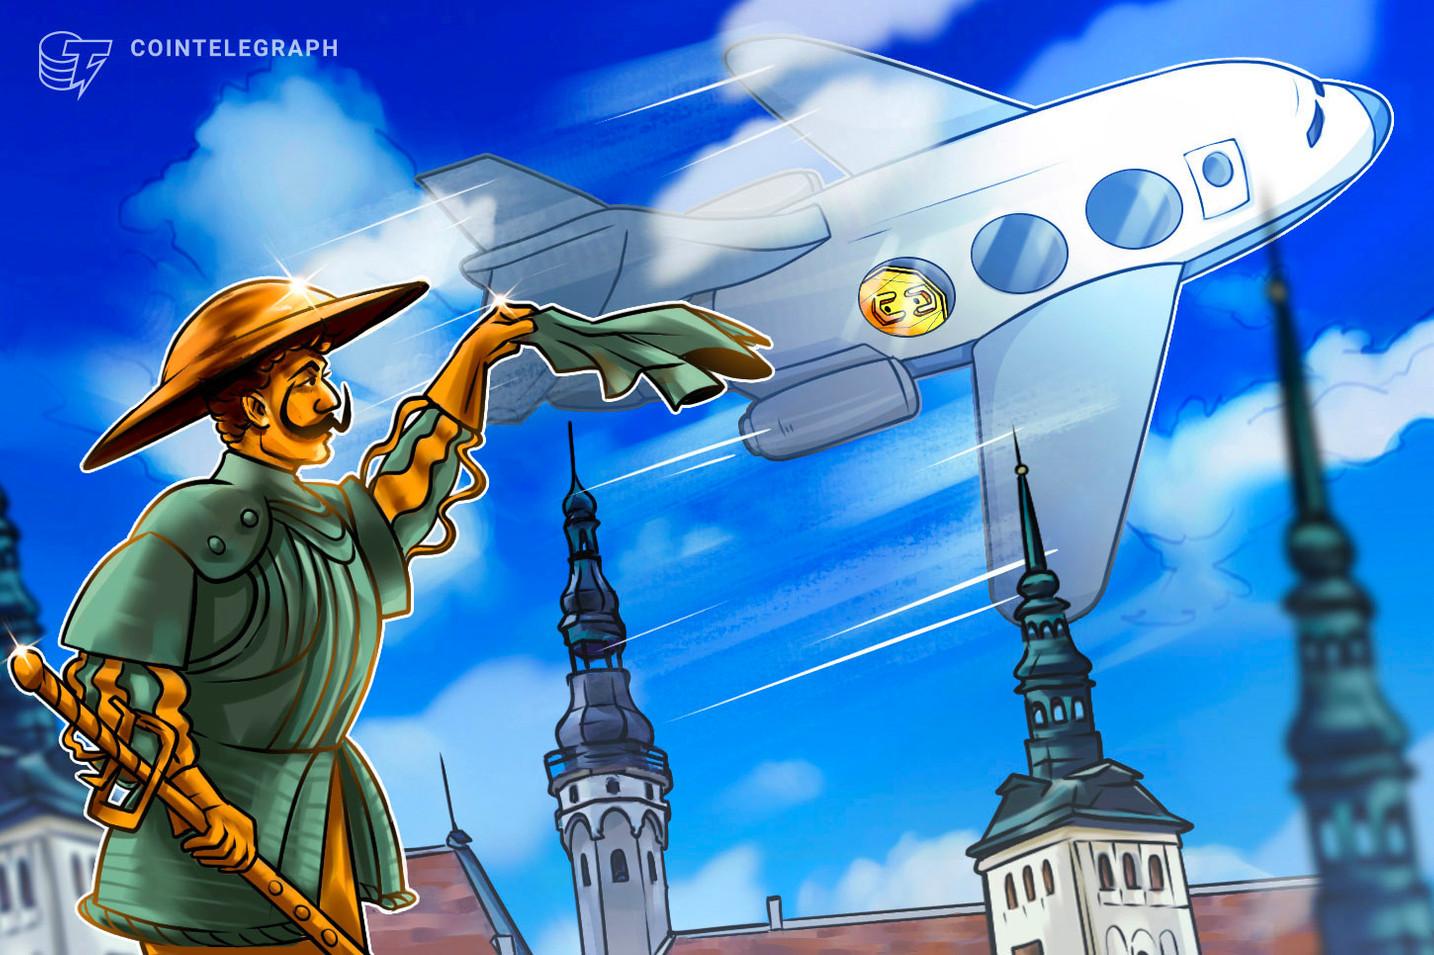 エストニアの規制当局、すべての仮想通貨取引所ライセンスの取り消しを検討